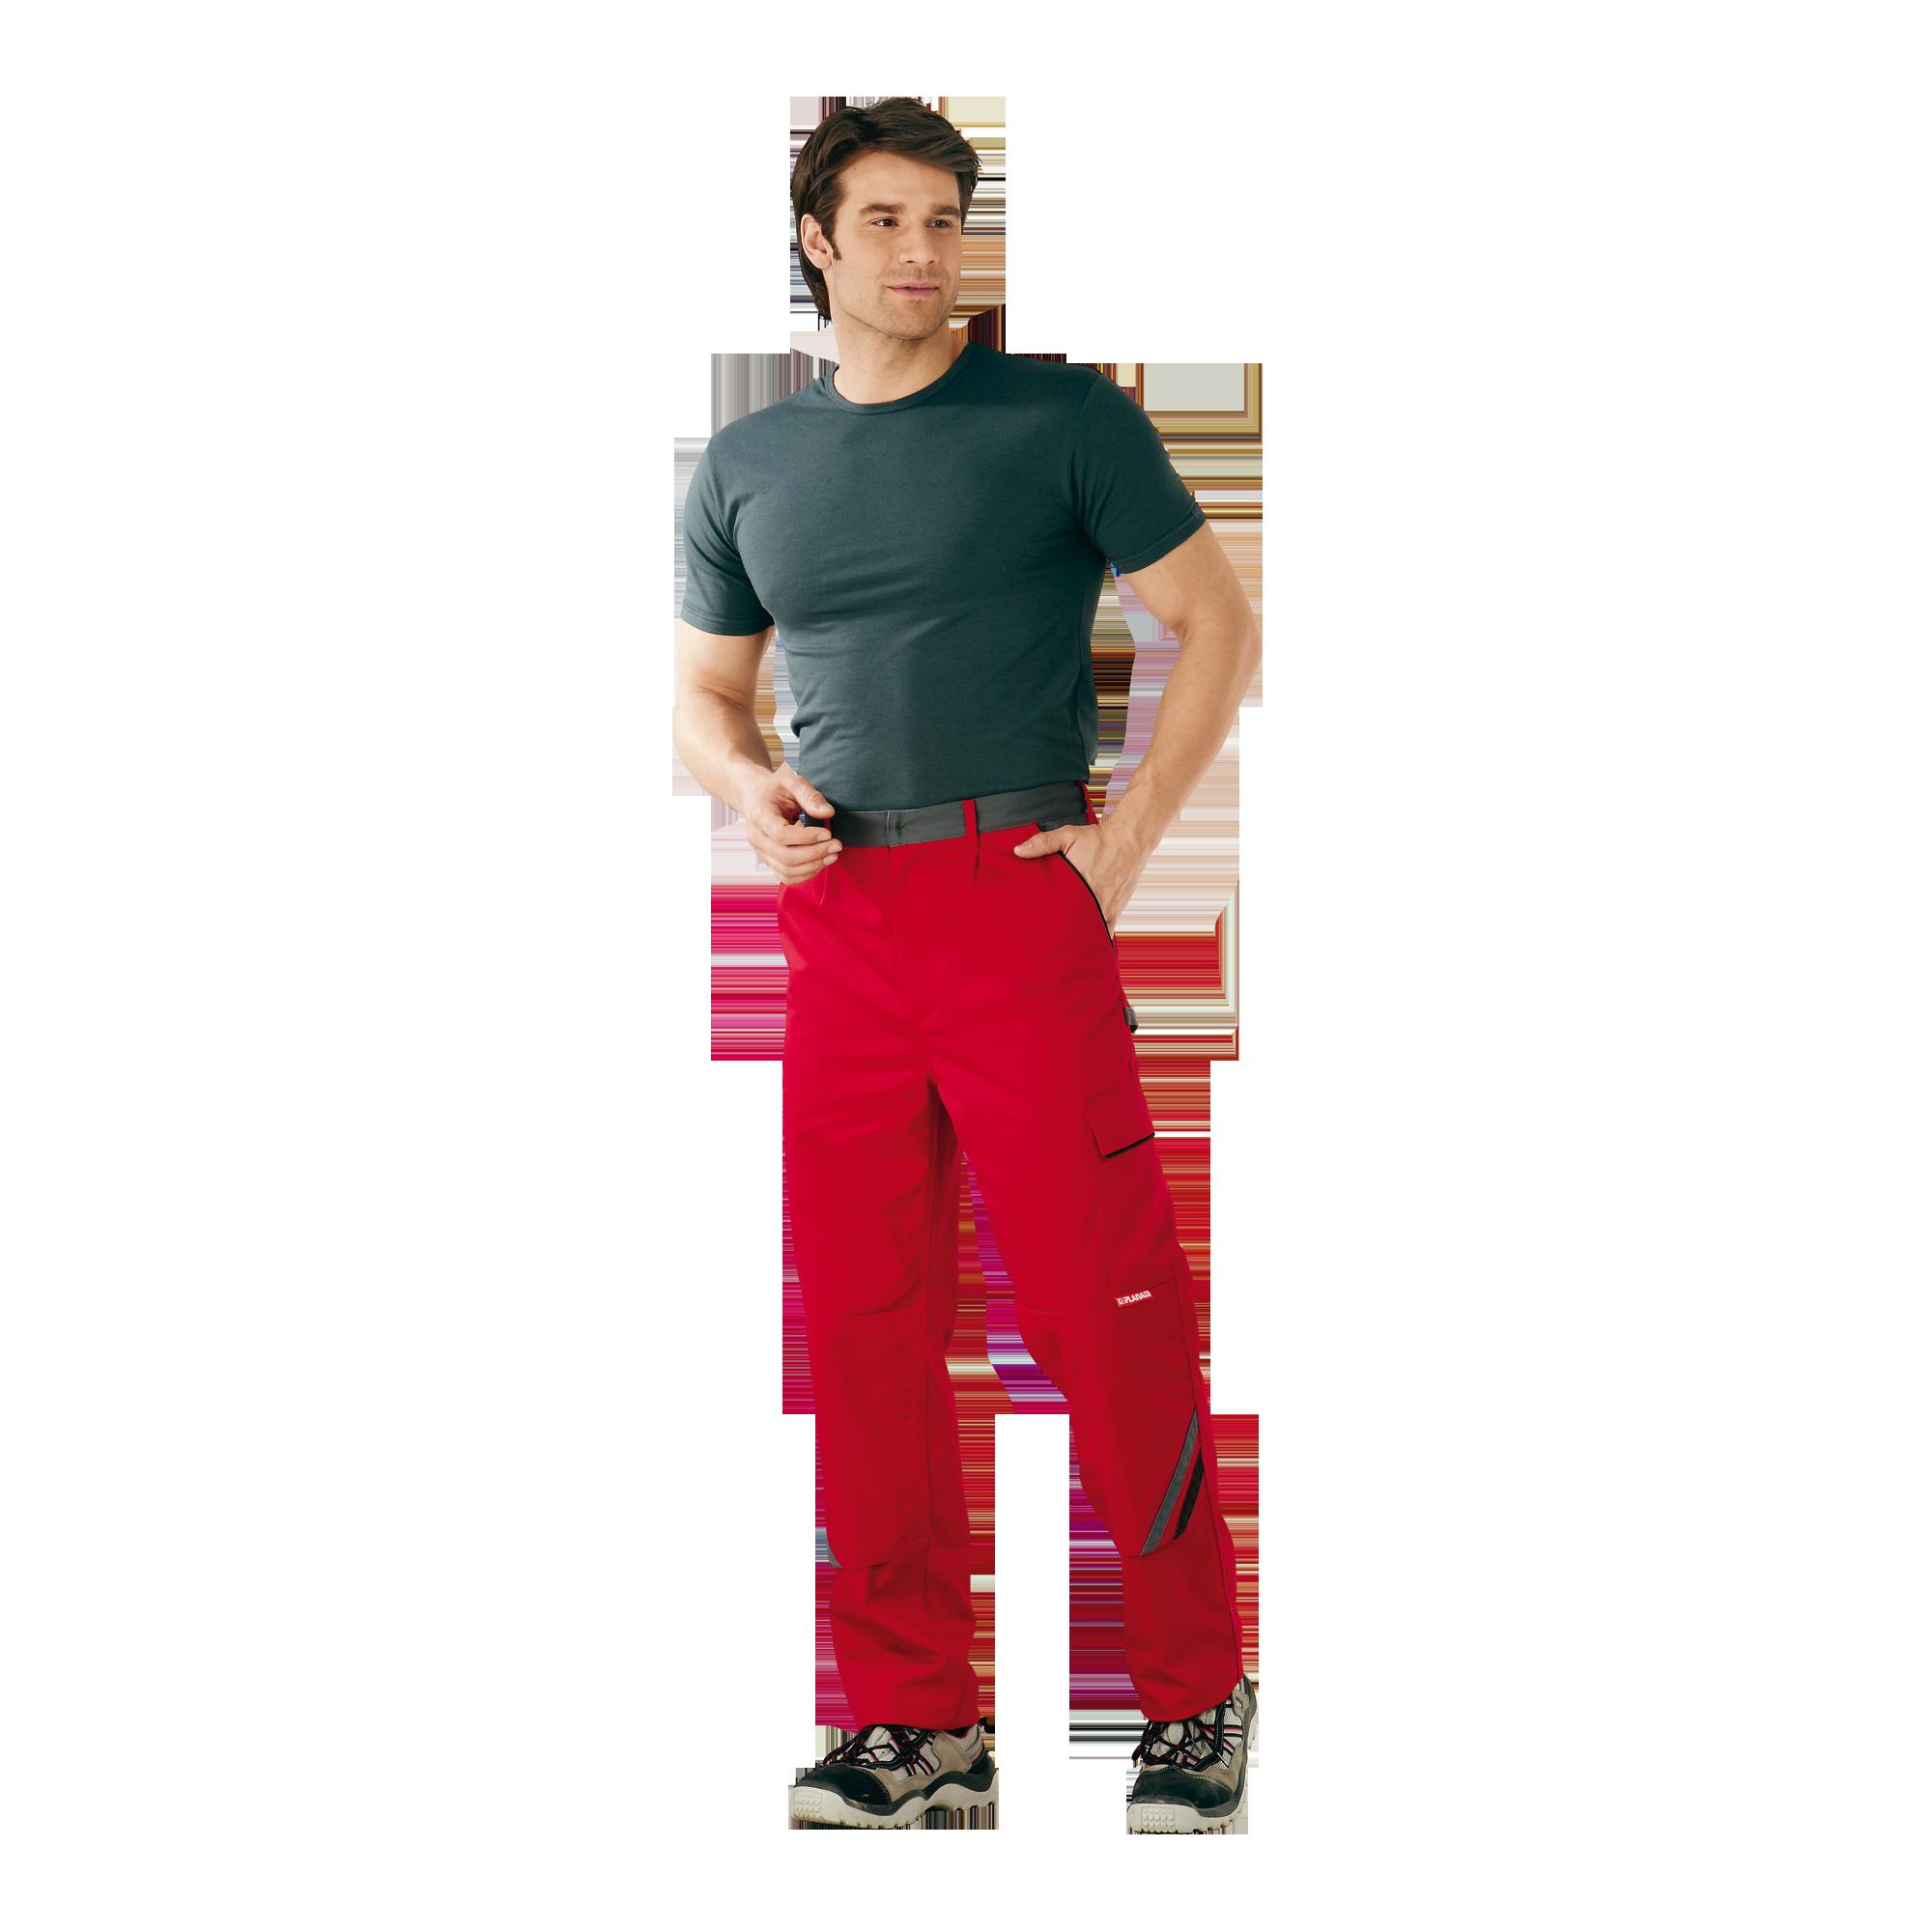 Planam Highline Arbeitskleidung von Planam Highline günstig online kaufen |  security@work